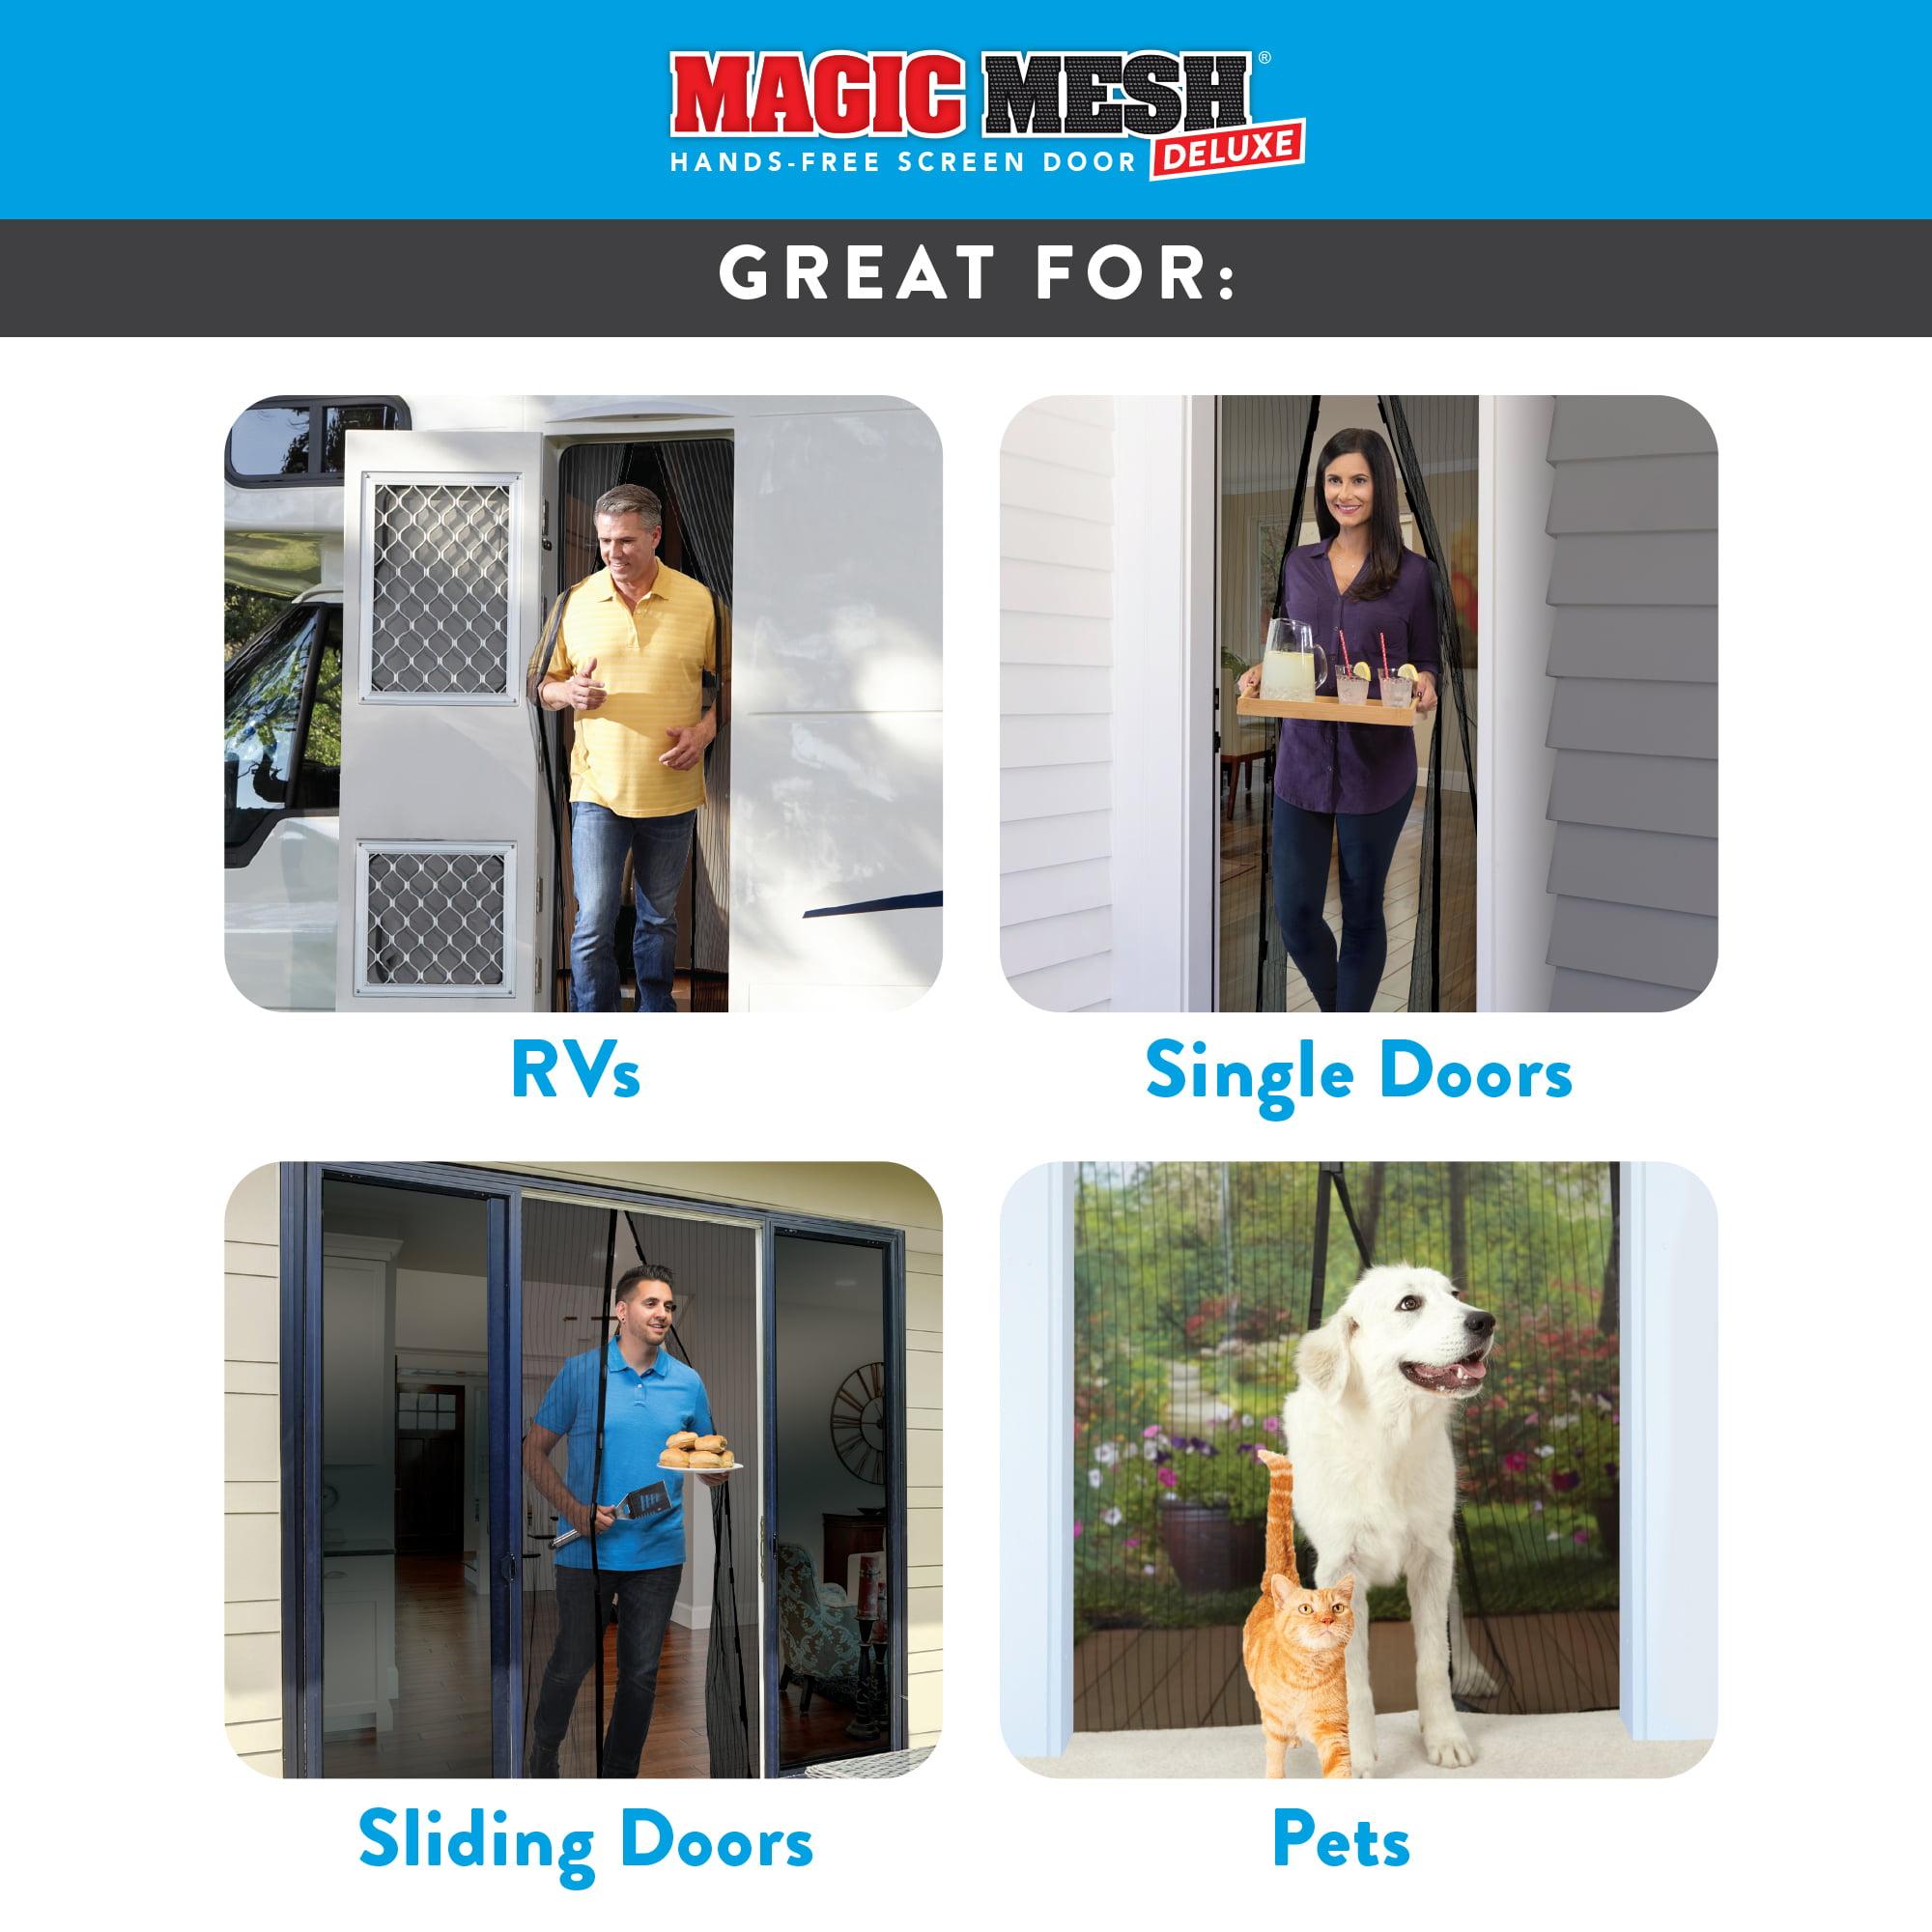 Magic Mesh Deluxe Magnetic Hands Free Screen Door Cover As Seen on TV